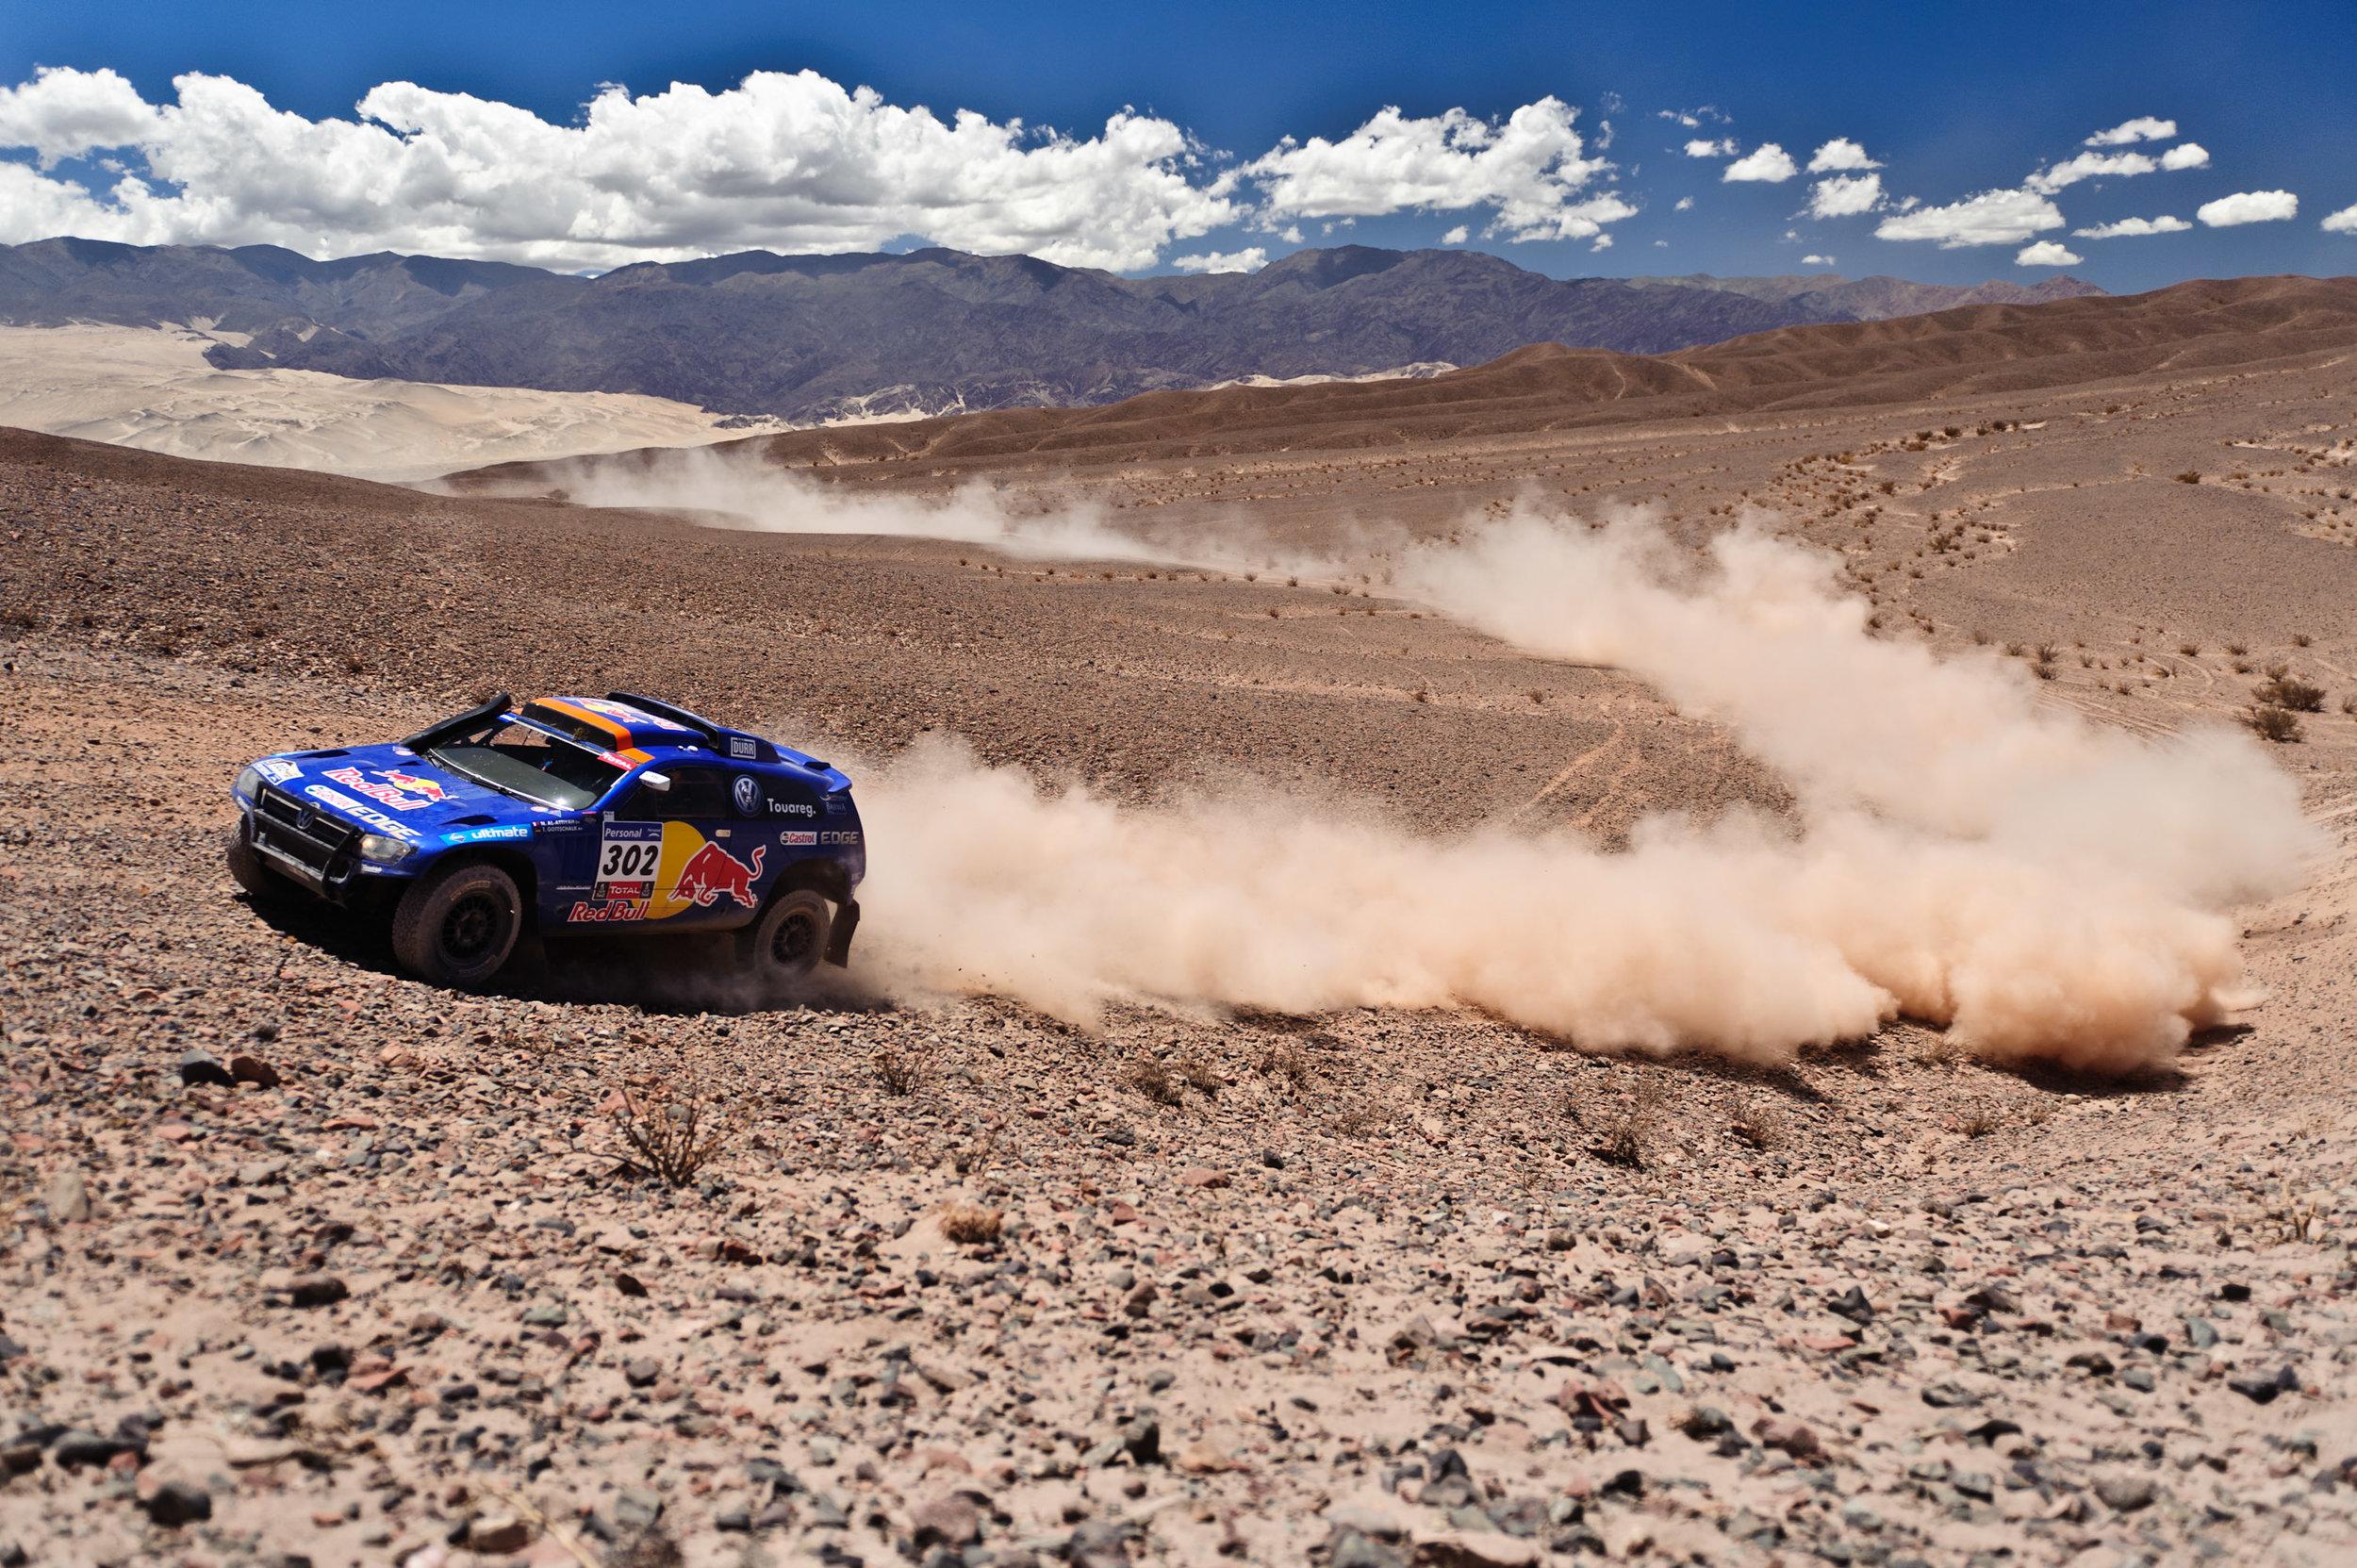 Nasser_Al-Attiyah_2011_Dakar_Rally_002.jpg